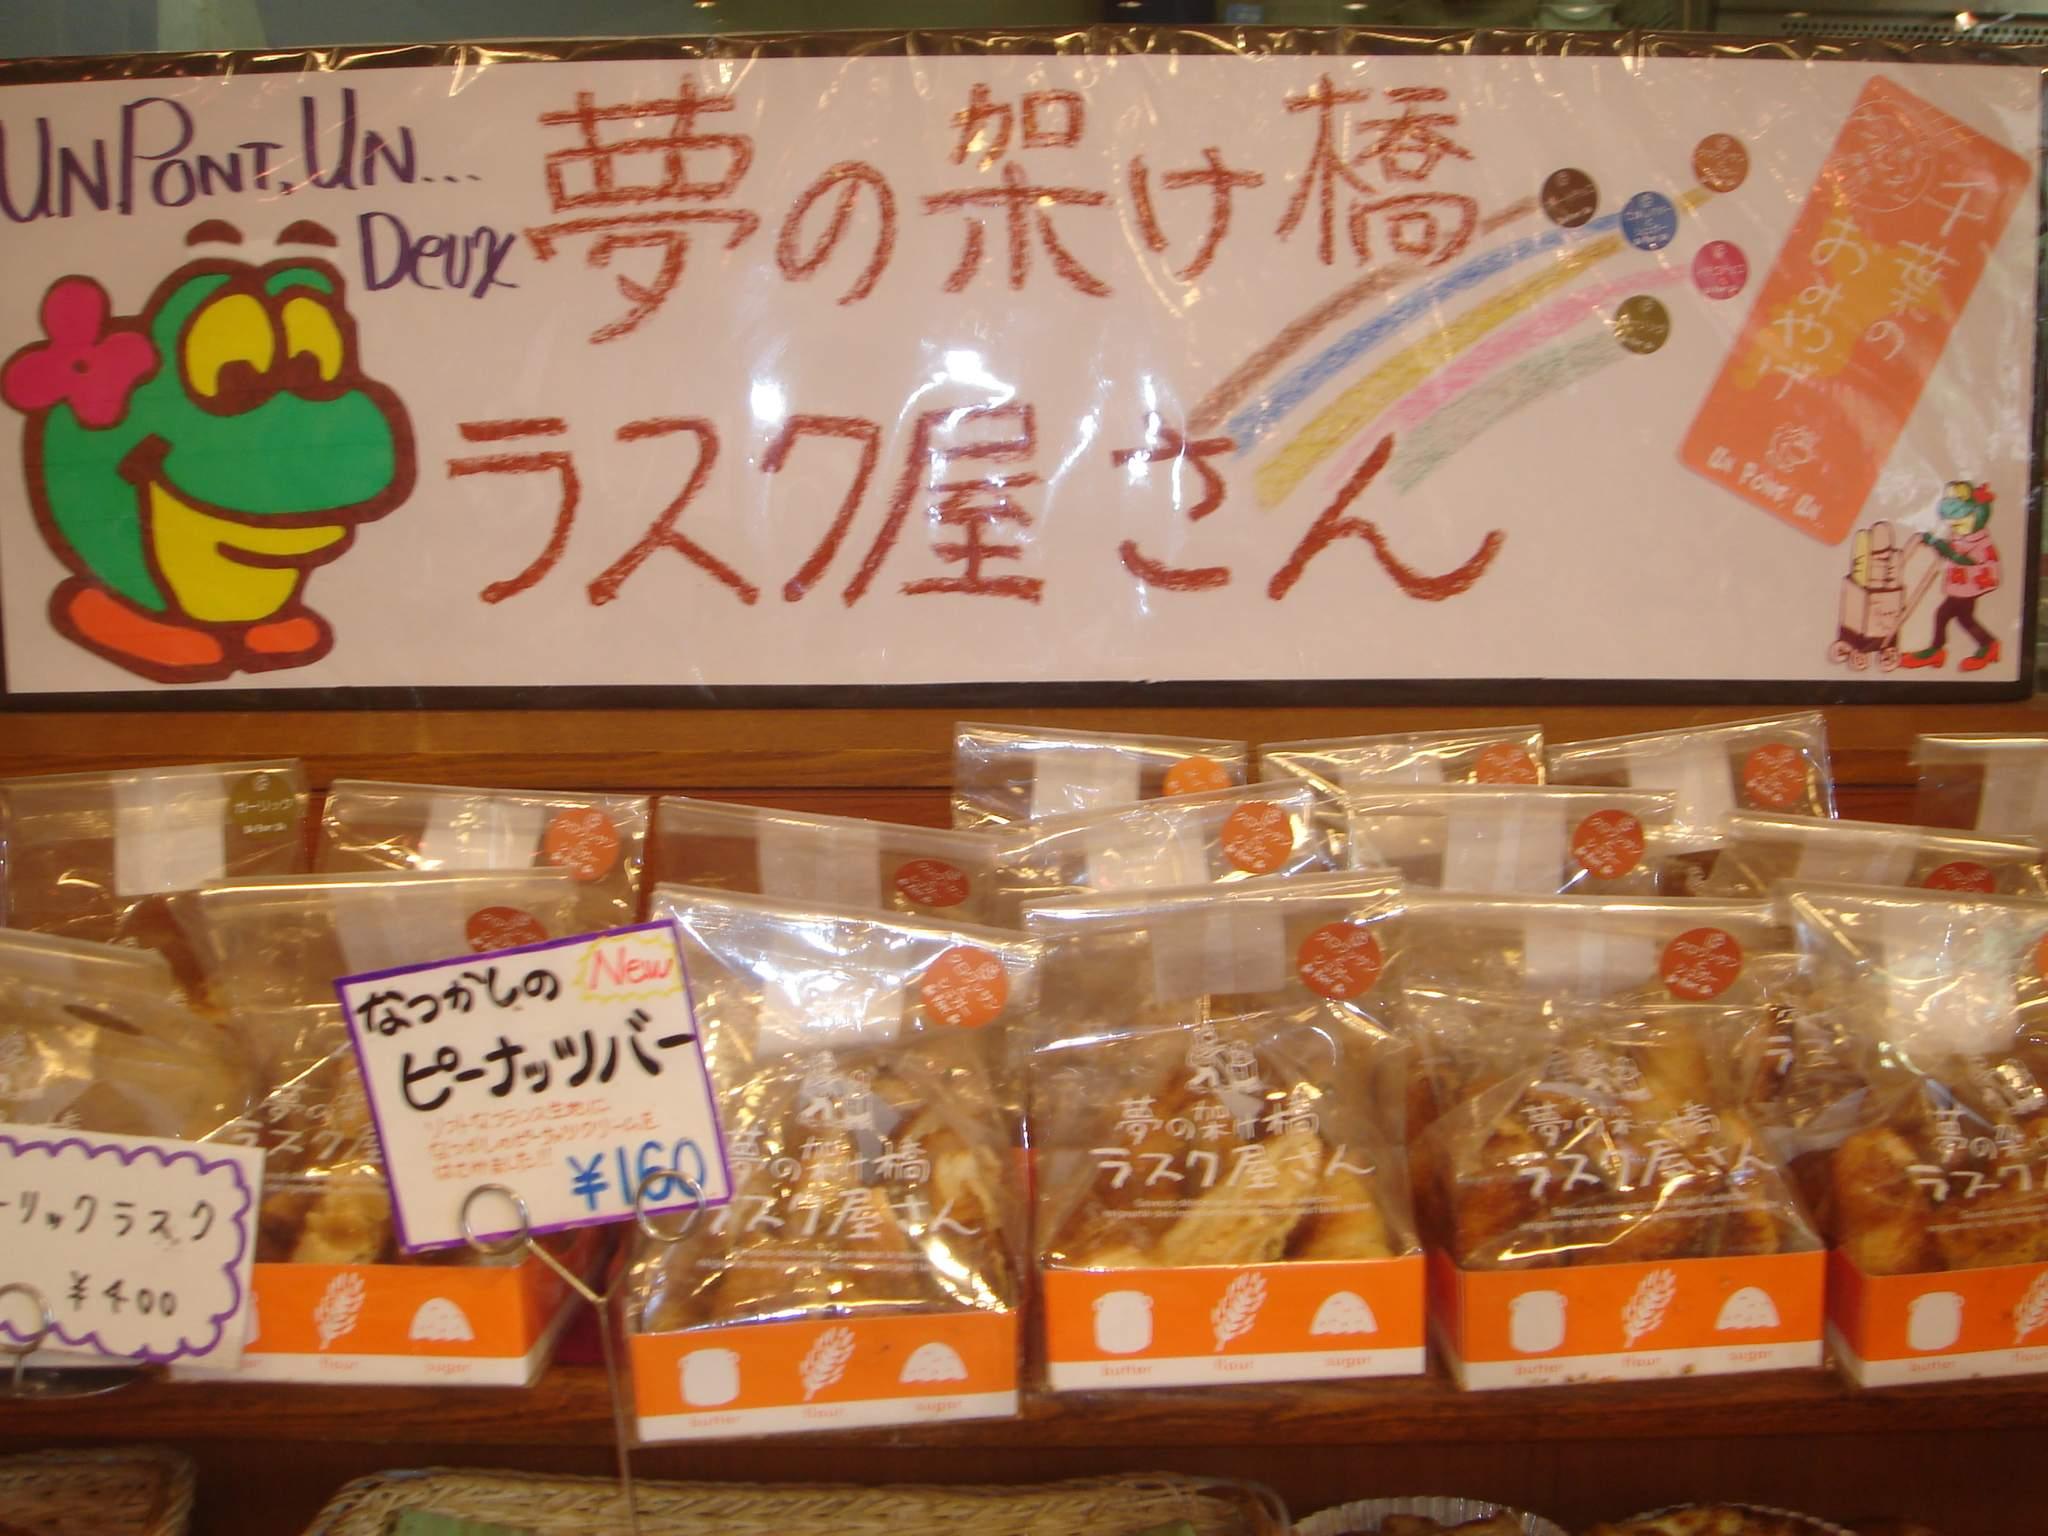 お土産におすすめ~カエルが目印アンポンタンドゥの甘くてさっくさくのラスク!!